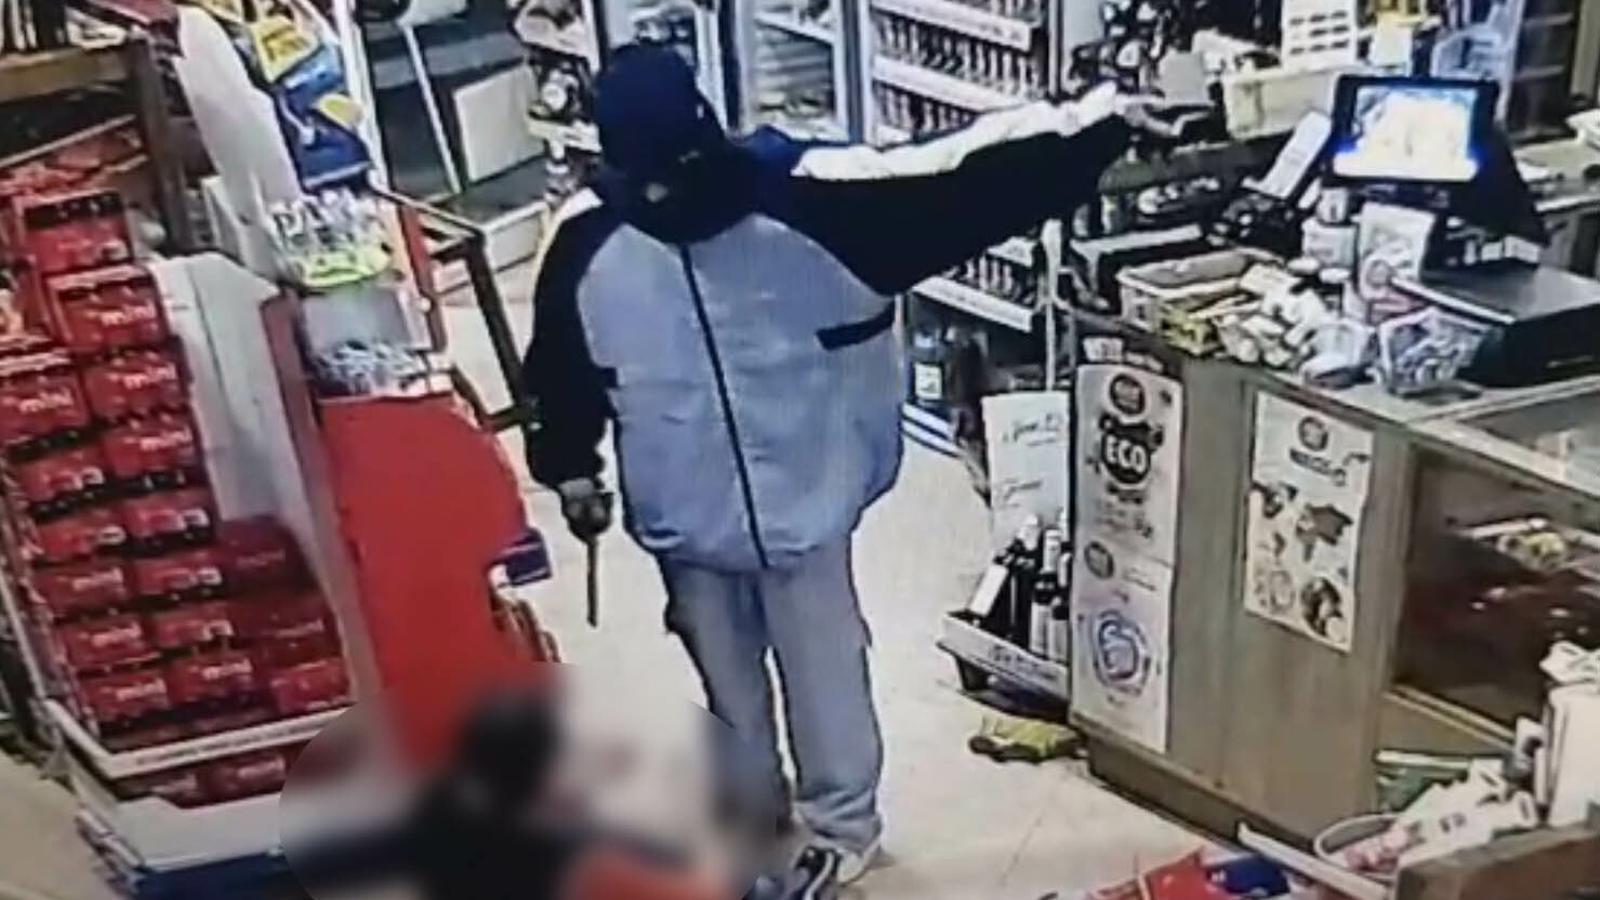 Imatge de la càmera de seguretat del moment del robatori. / GUÀRDIA CIVIL